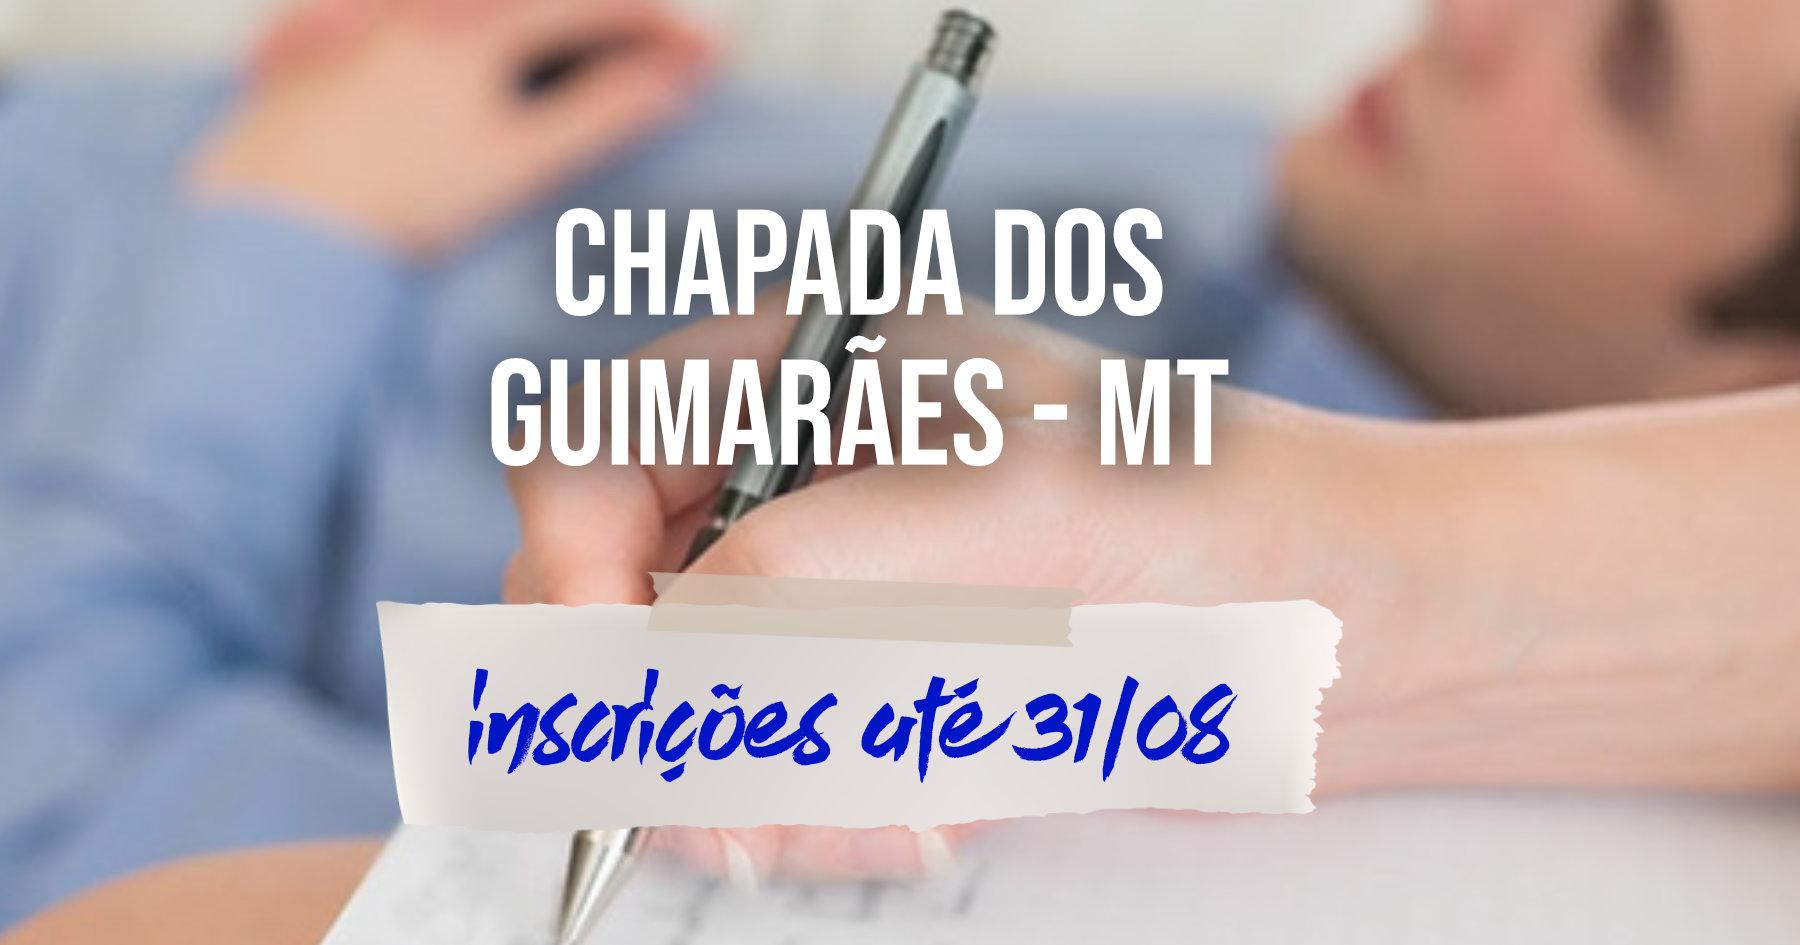 Seleção   Chapada dos Guimarães (MT) tem vagas para Psicólogos